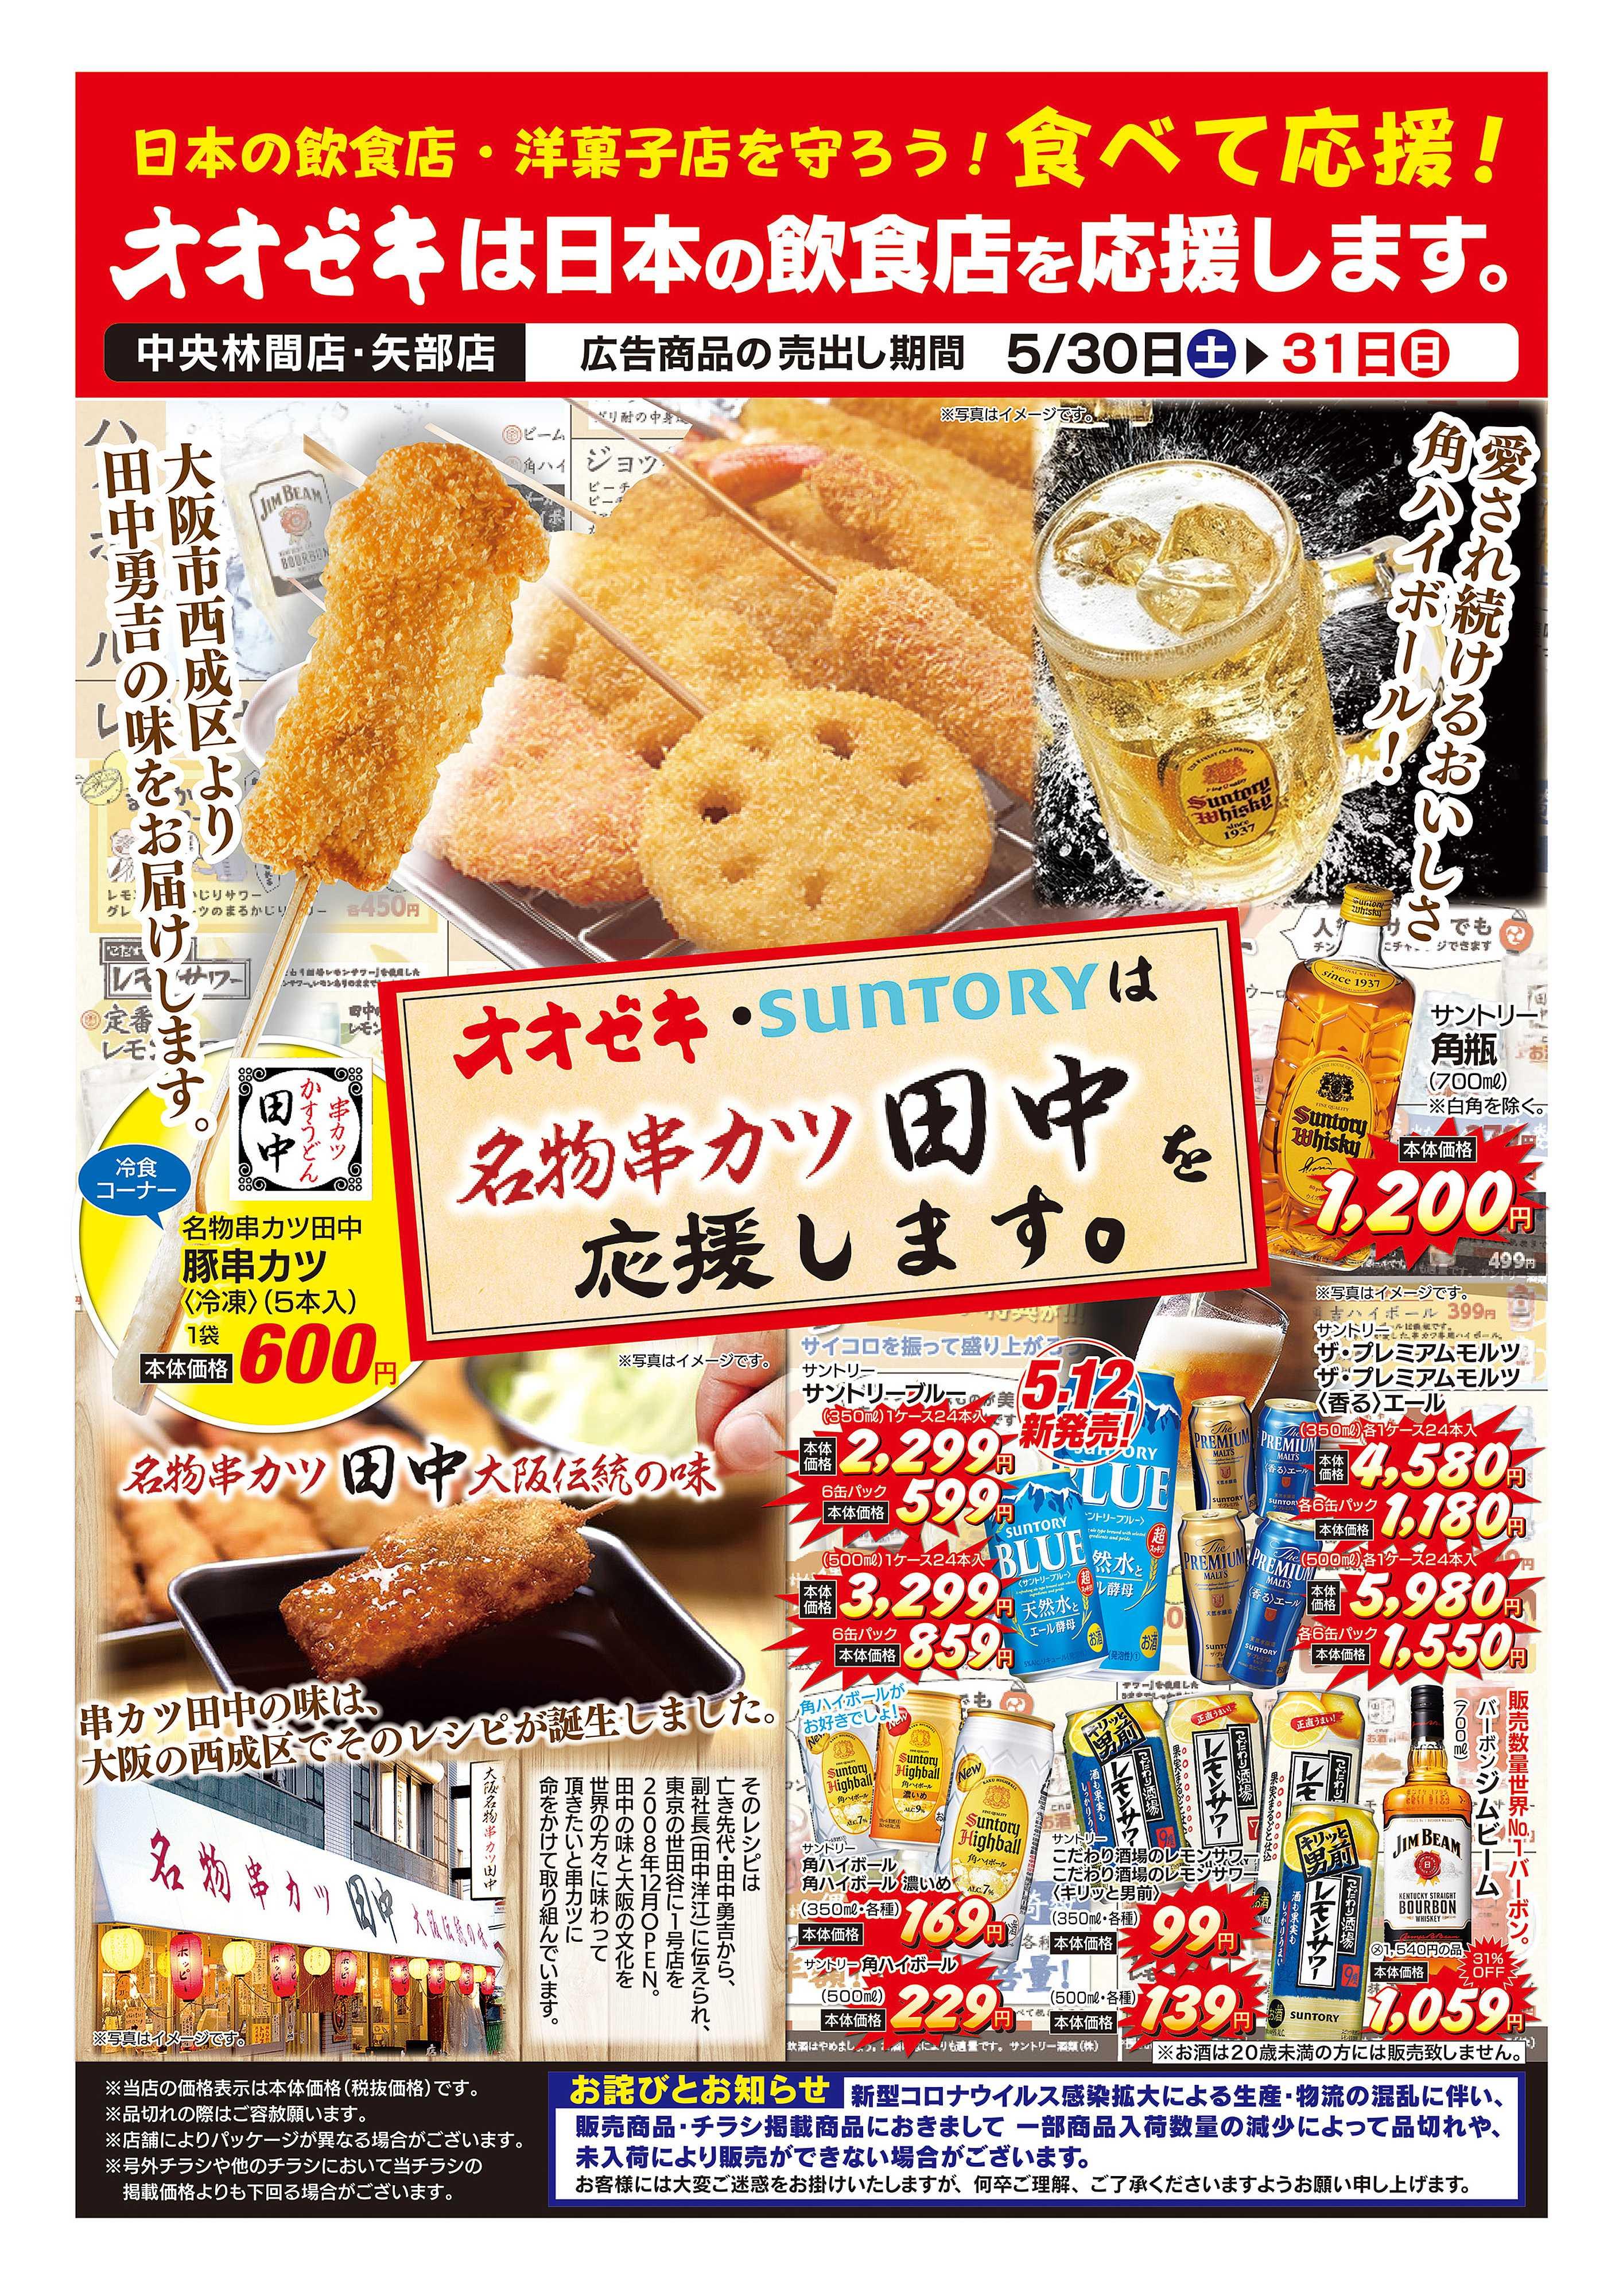 オオゼキ オオゼキは日本の飲食店を応援します。